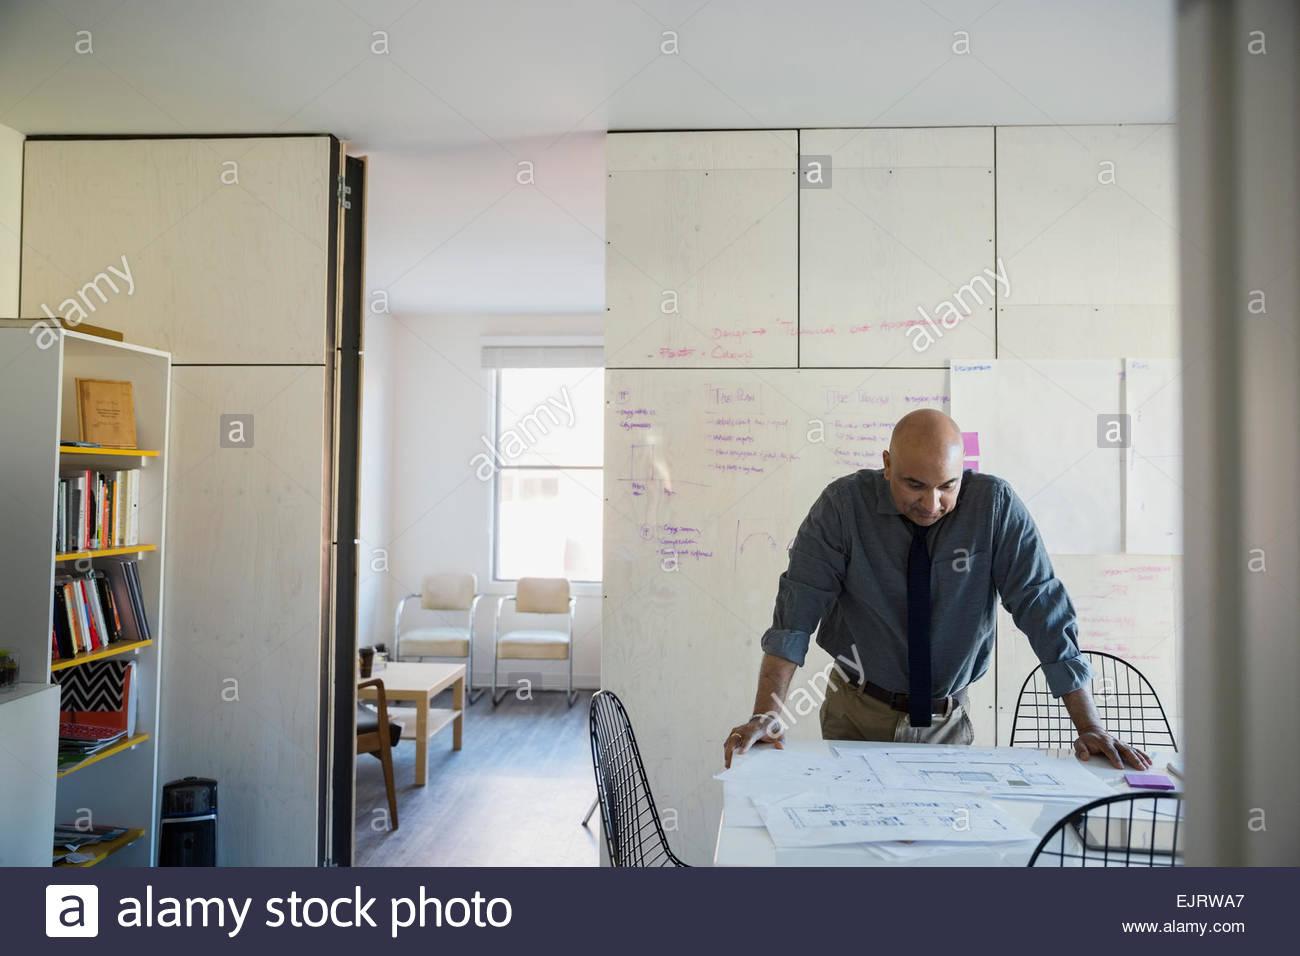 Architetto rivedendo blueprint in sala conferenze Immagini Stock